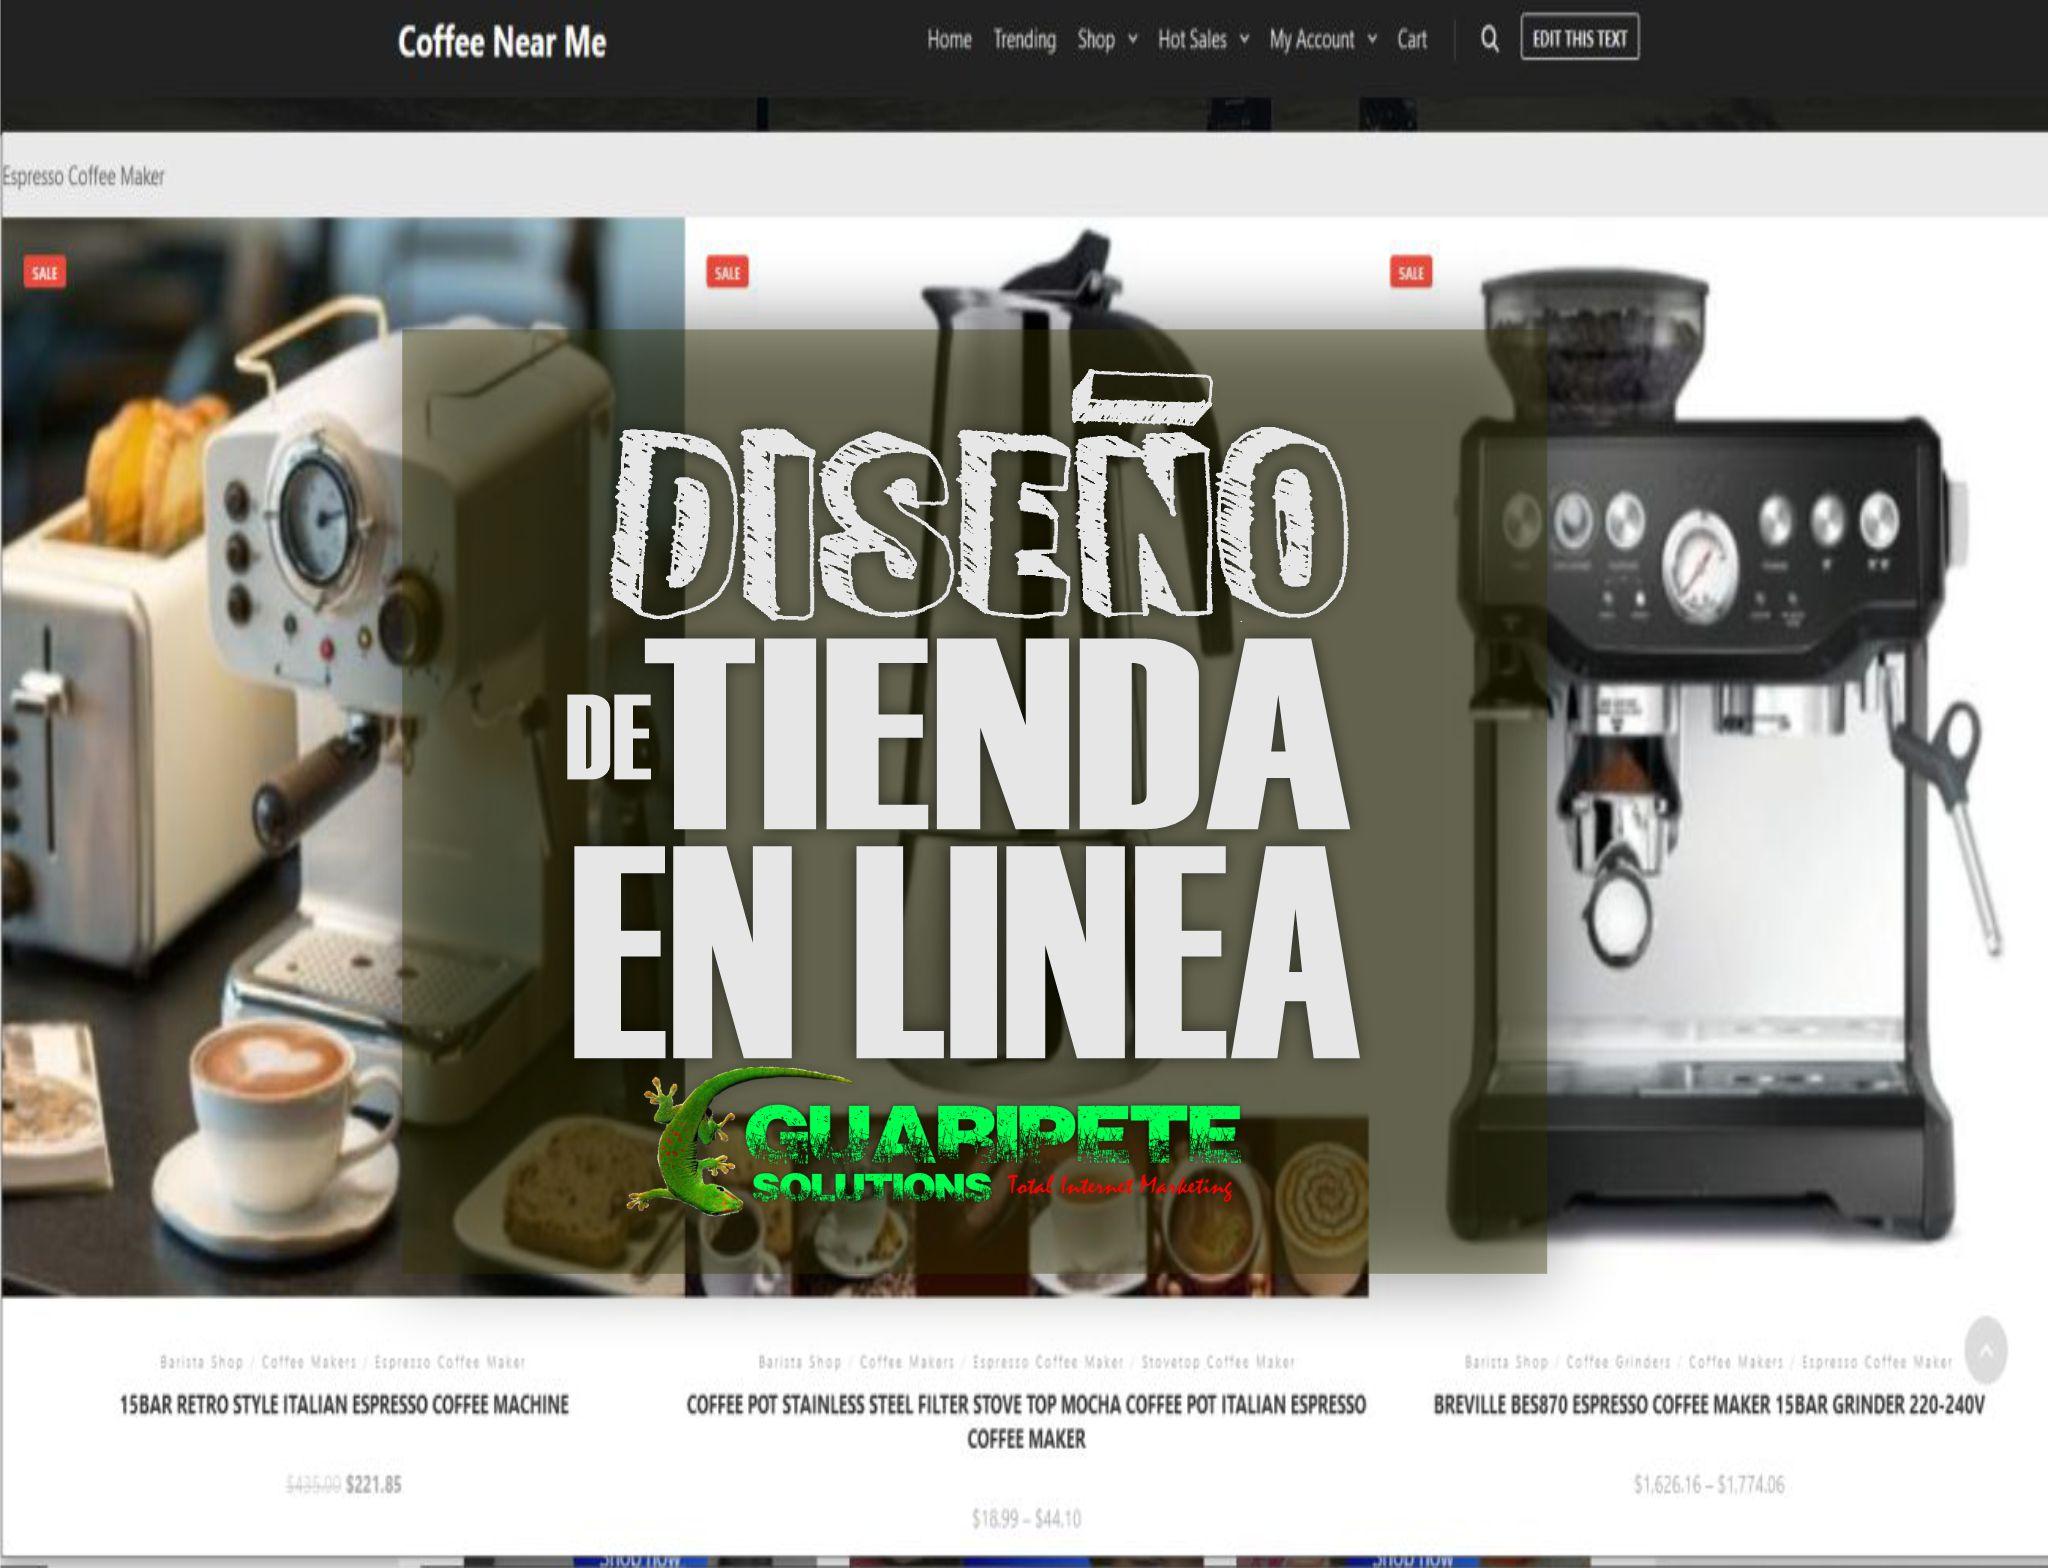 Servicio de Diseño de Tienda en Linea